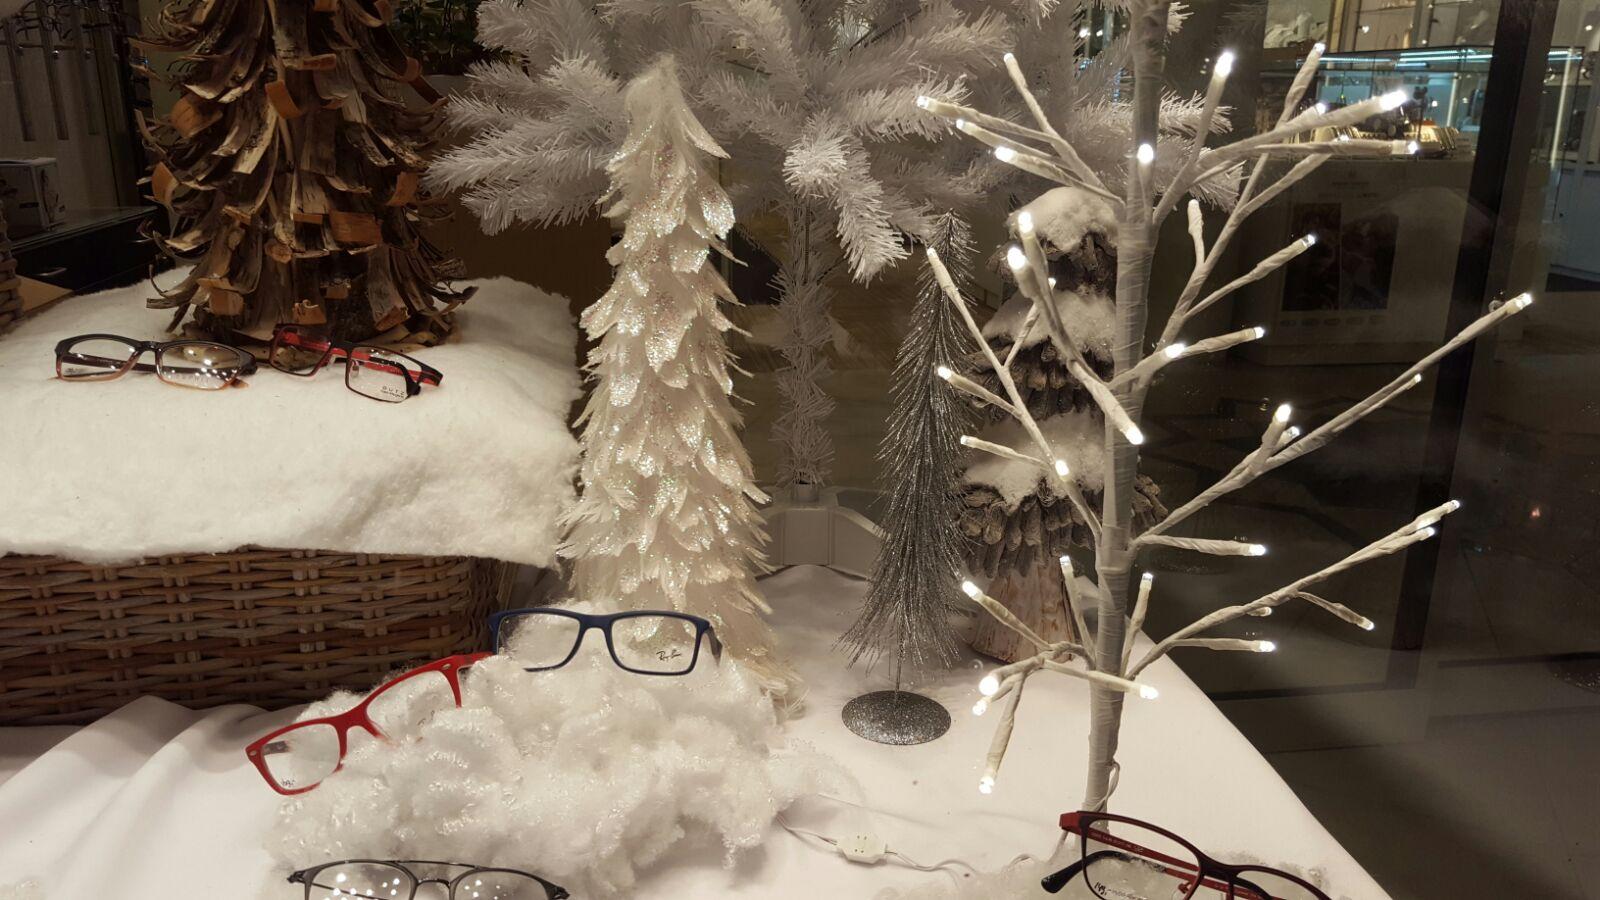 http://www.juwelierbrinkhuis.nl/wp-content/uploads/2016/12/da6d93e9-c334-4d06-a70e-7e50420b96d4.jpg